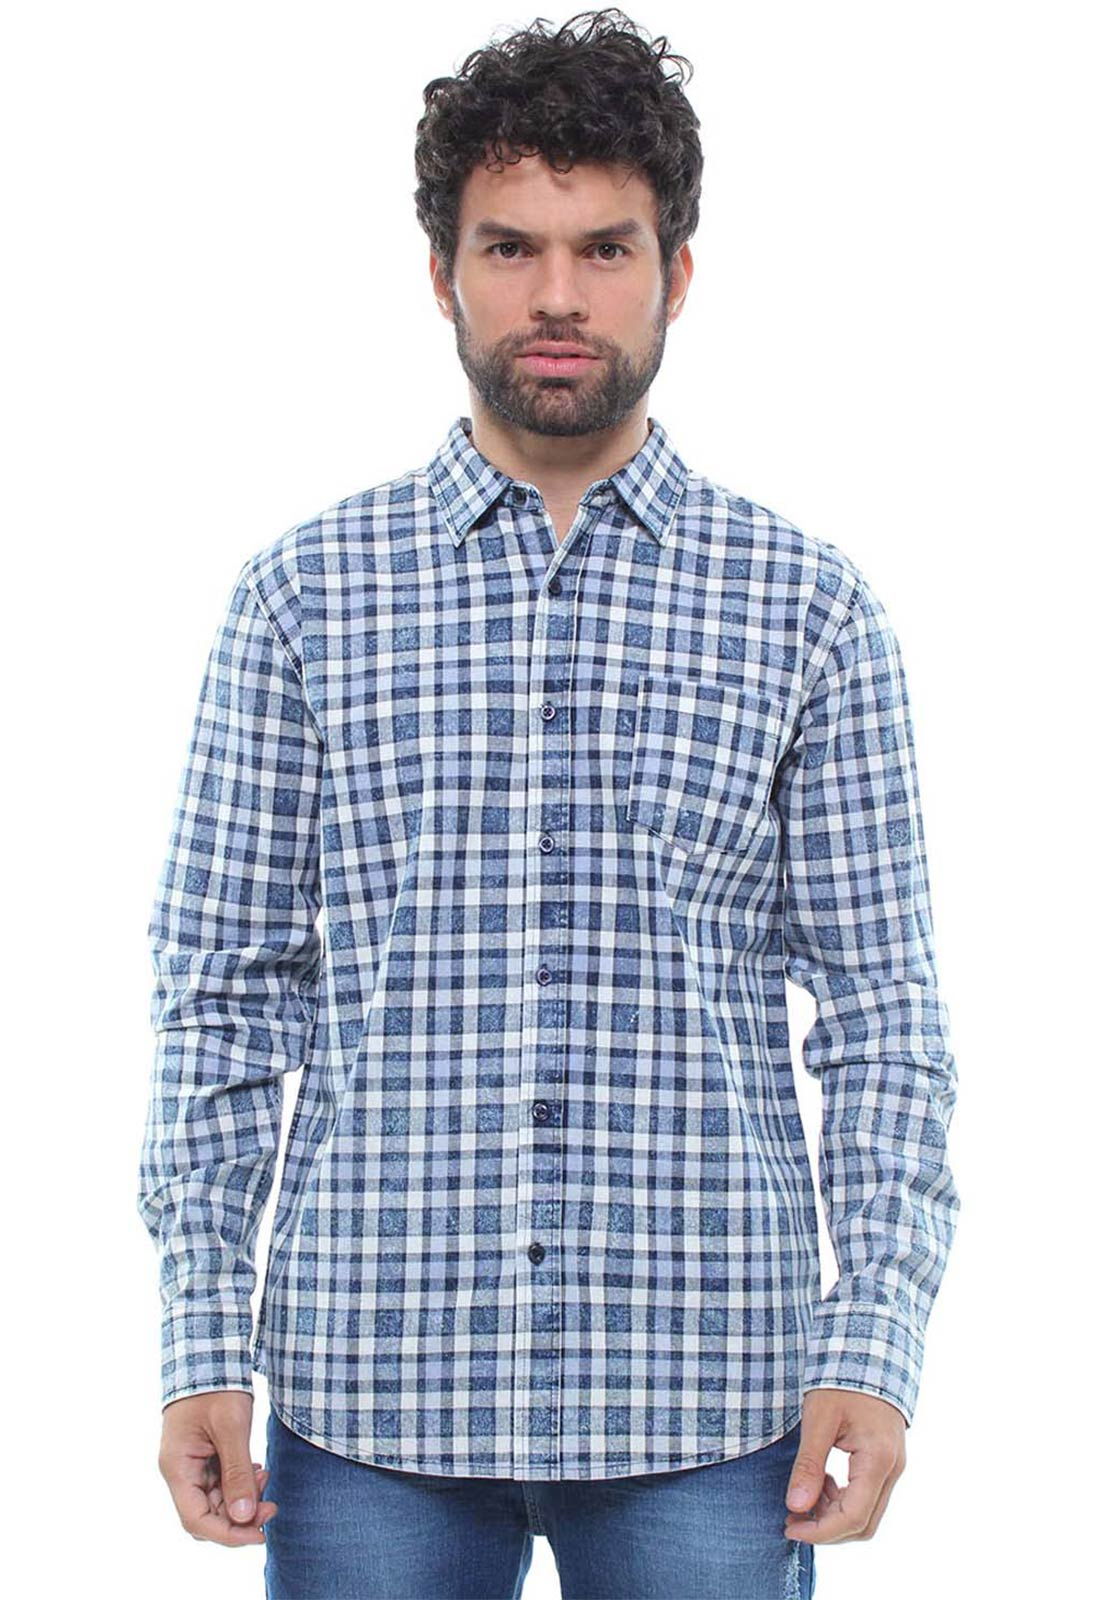 Camisa Masculina Manga Longa Xadrez Estonada Crocker - 46904  - CROCKER JEANS